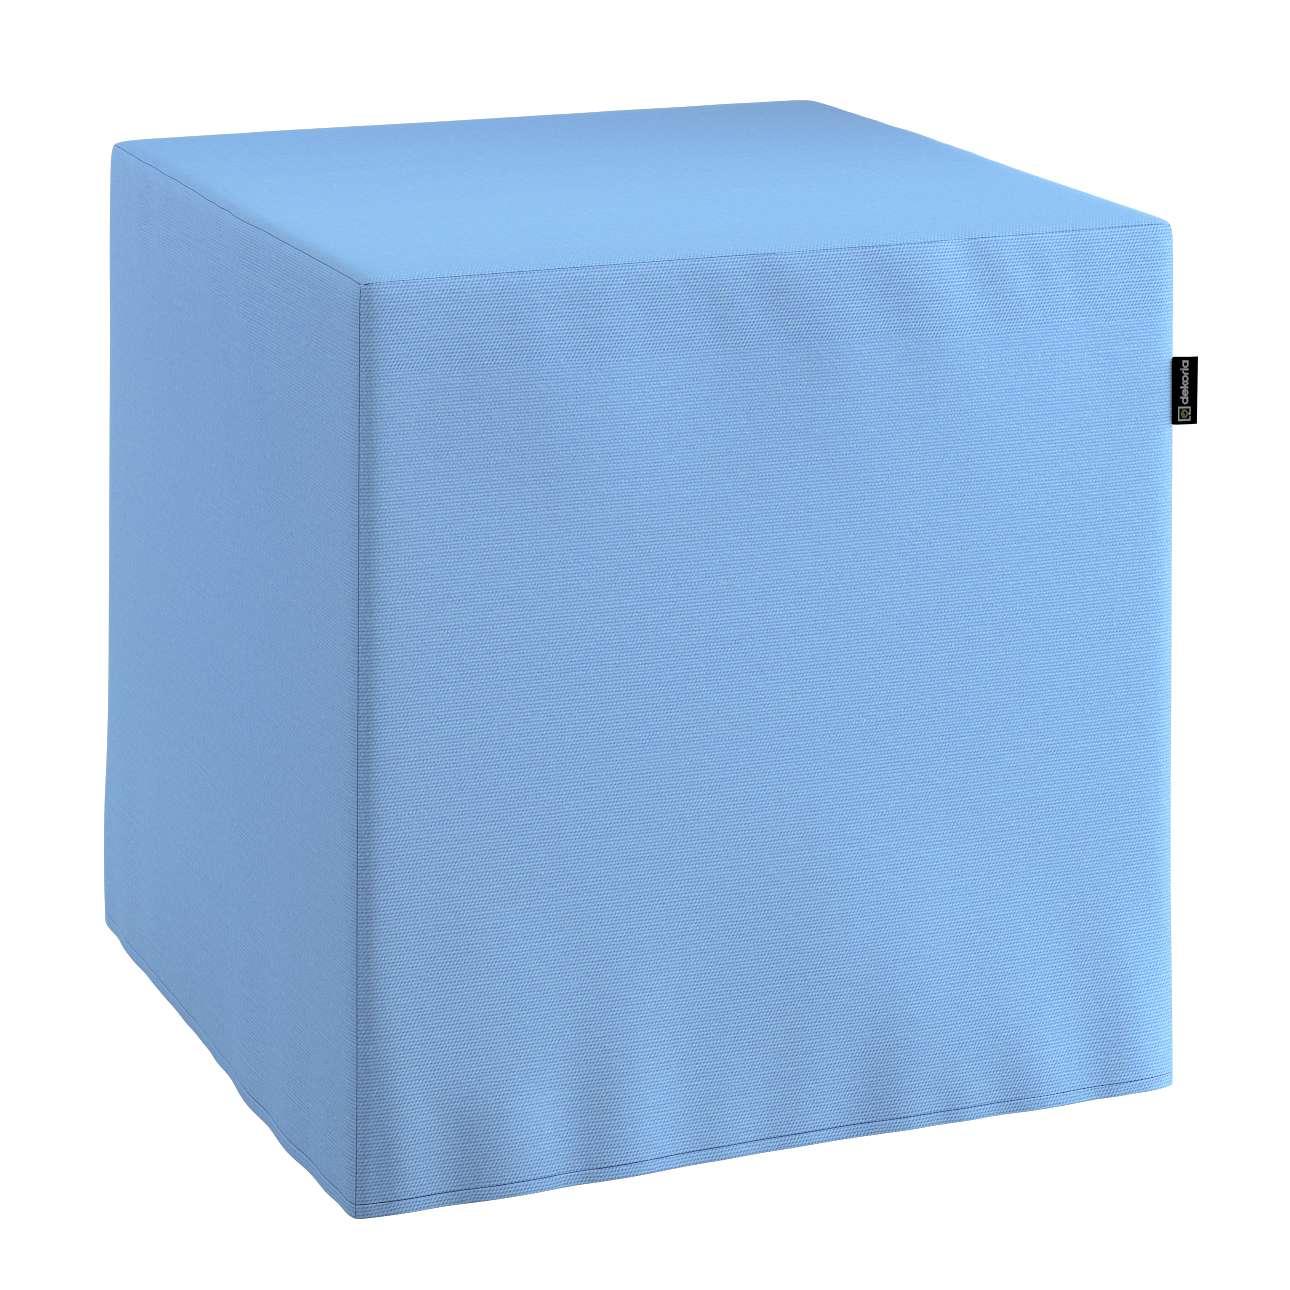 Taburetka tvrdá, kocka V kolekcii Loneta, tkanina: 133-21